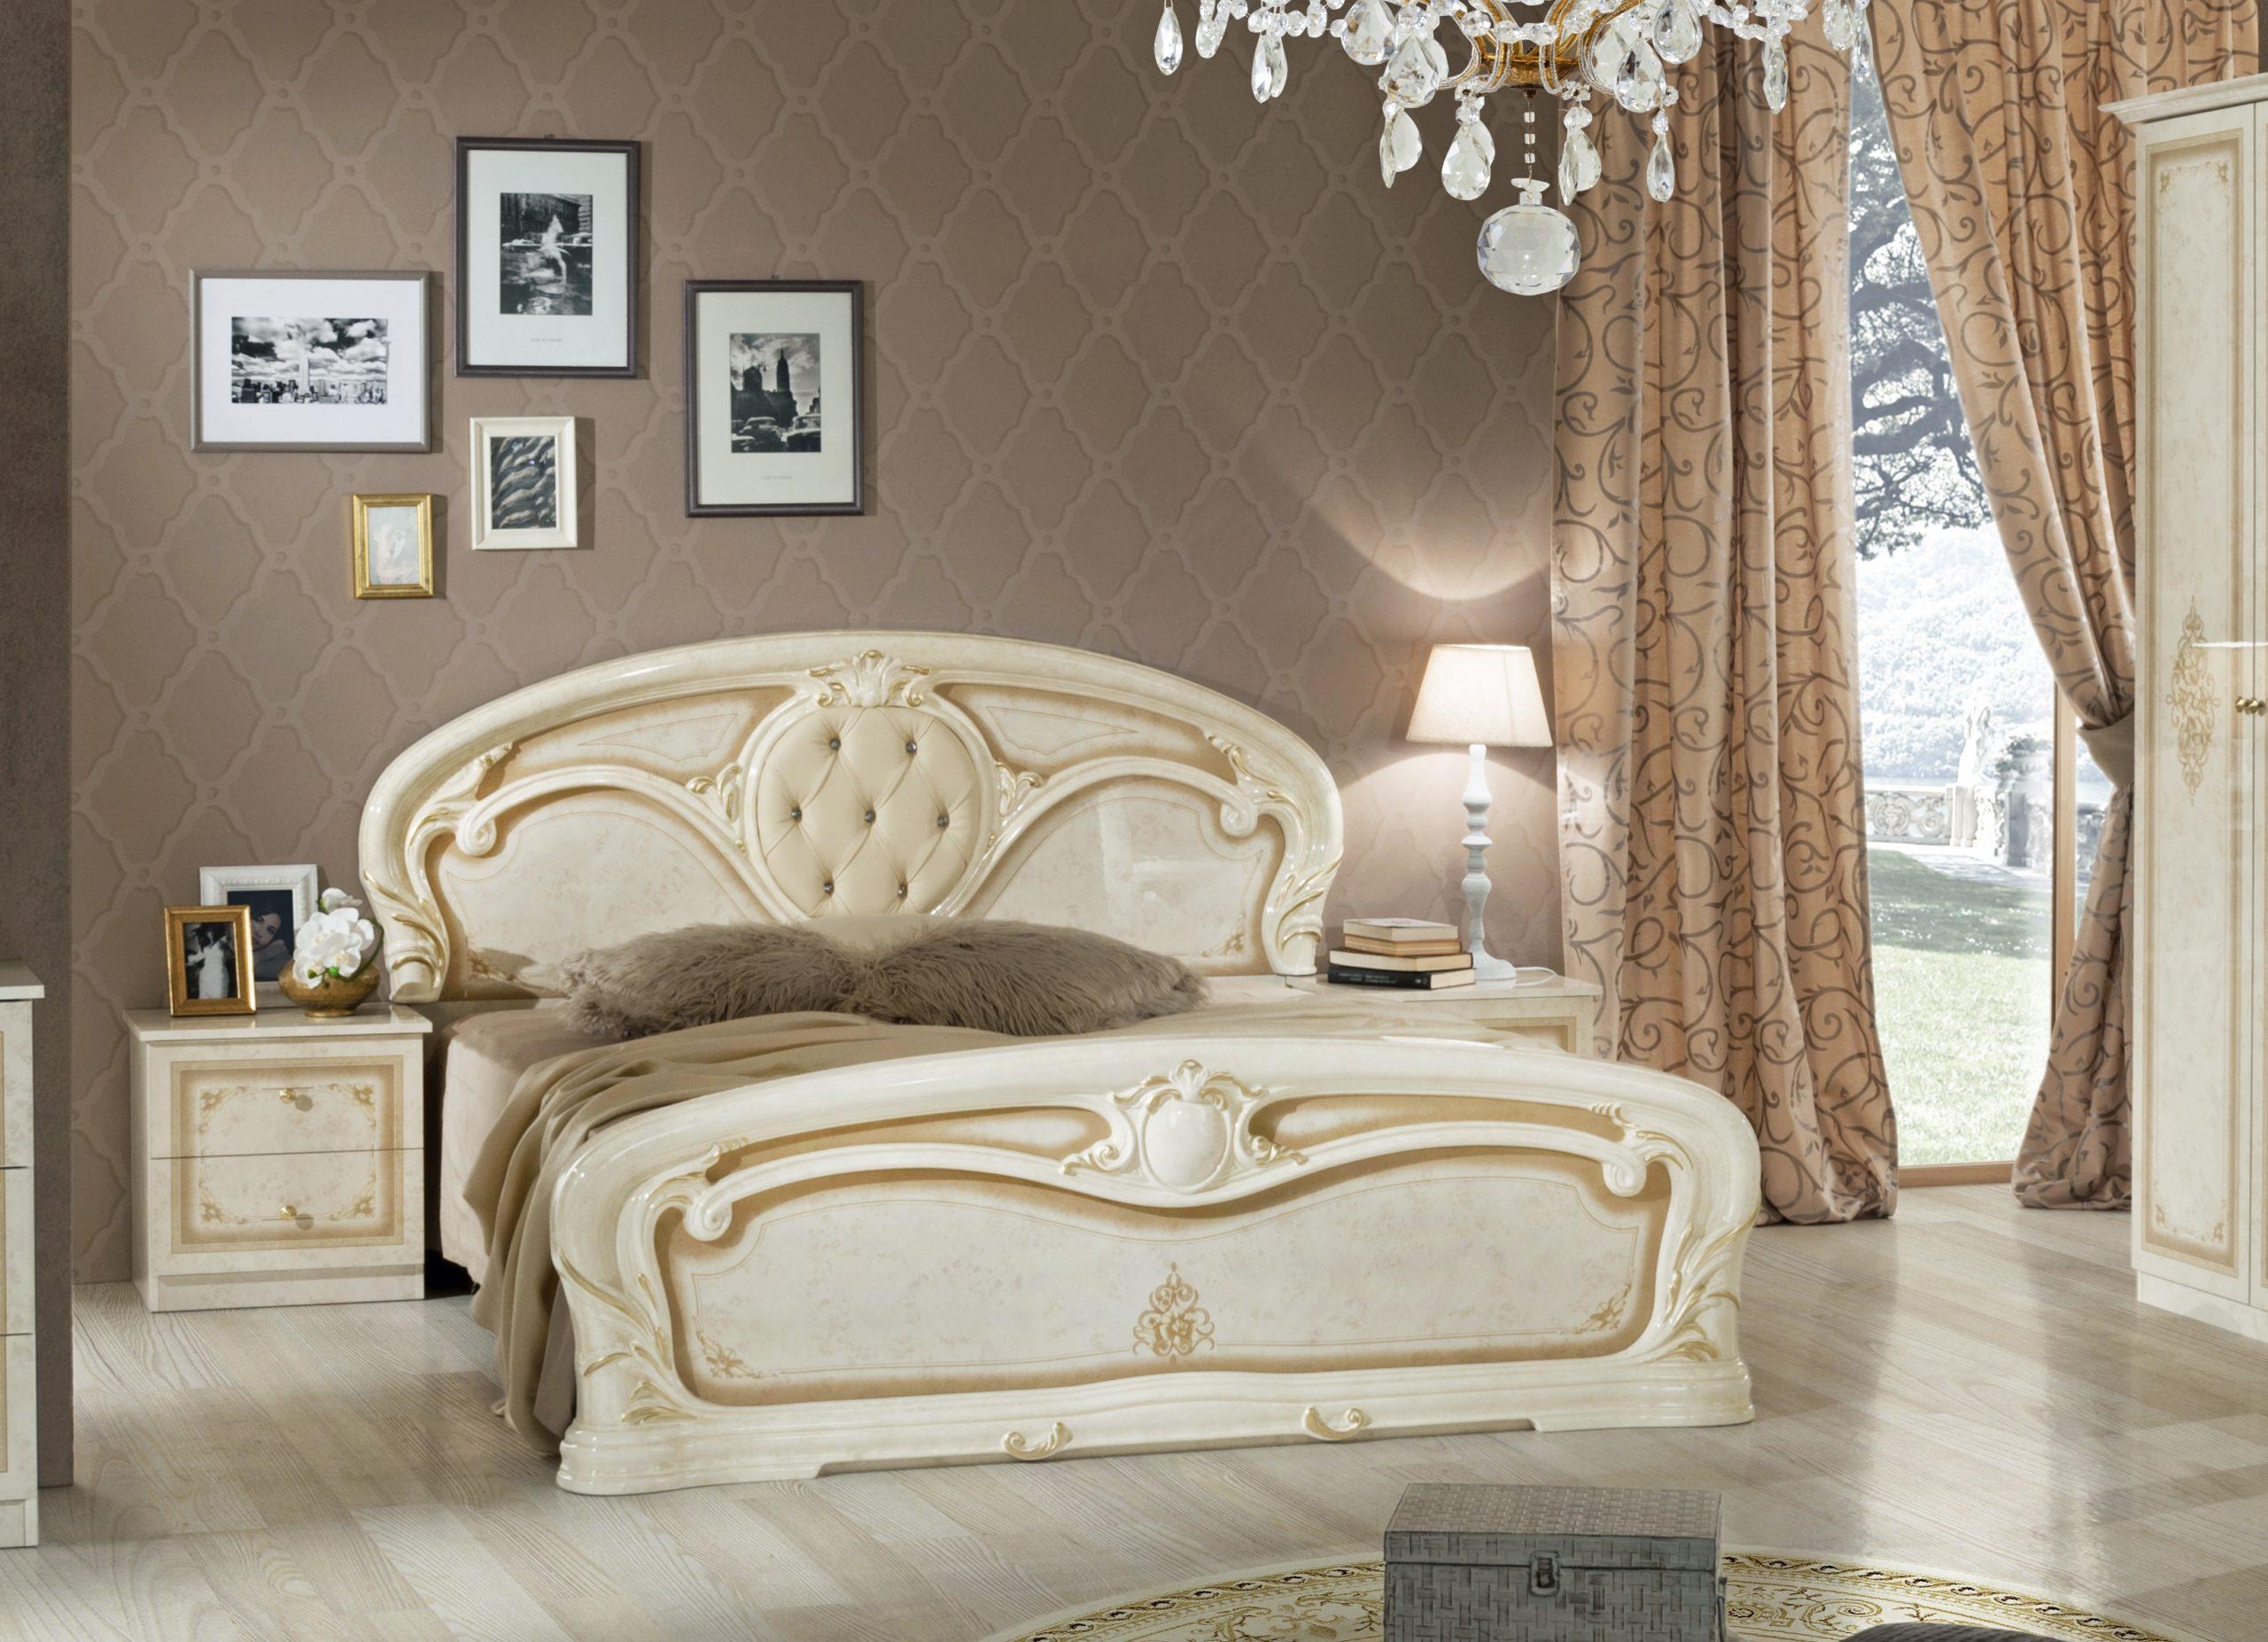 Full Size of Bett Kaufen Günstig Barock Christina In Beige Gold Design Ohne Lattenrost Chr Japanische Betten Mit Unterbett 160x200 Schlafzimmer Set Tatami 140x200 Ruf Bett Bett Kaufen Günstig